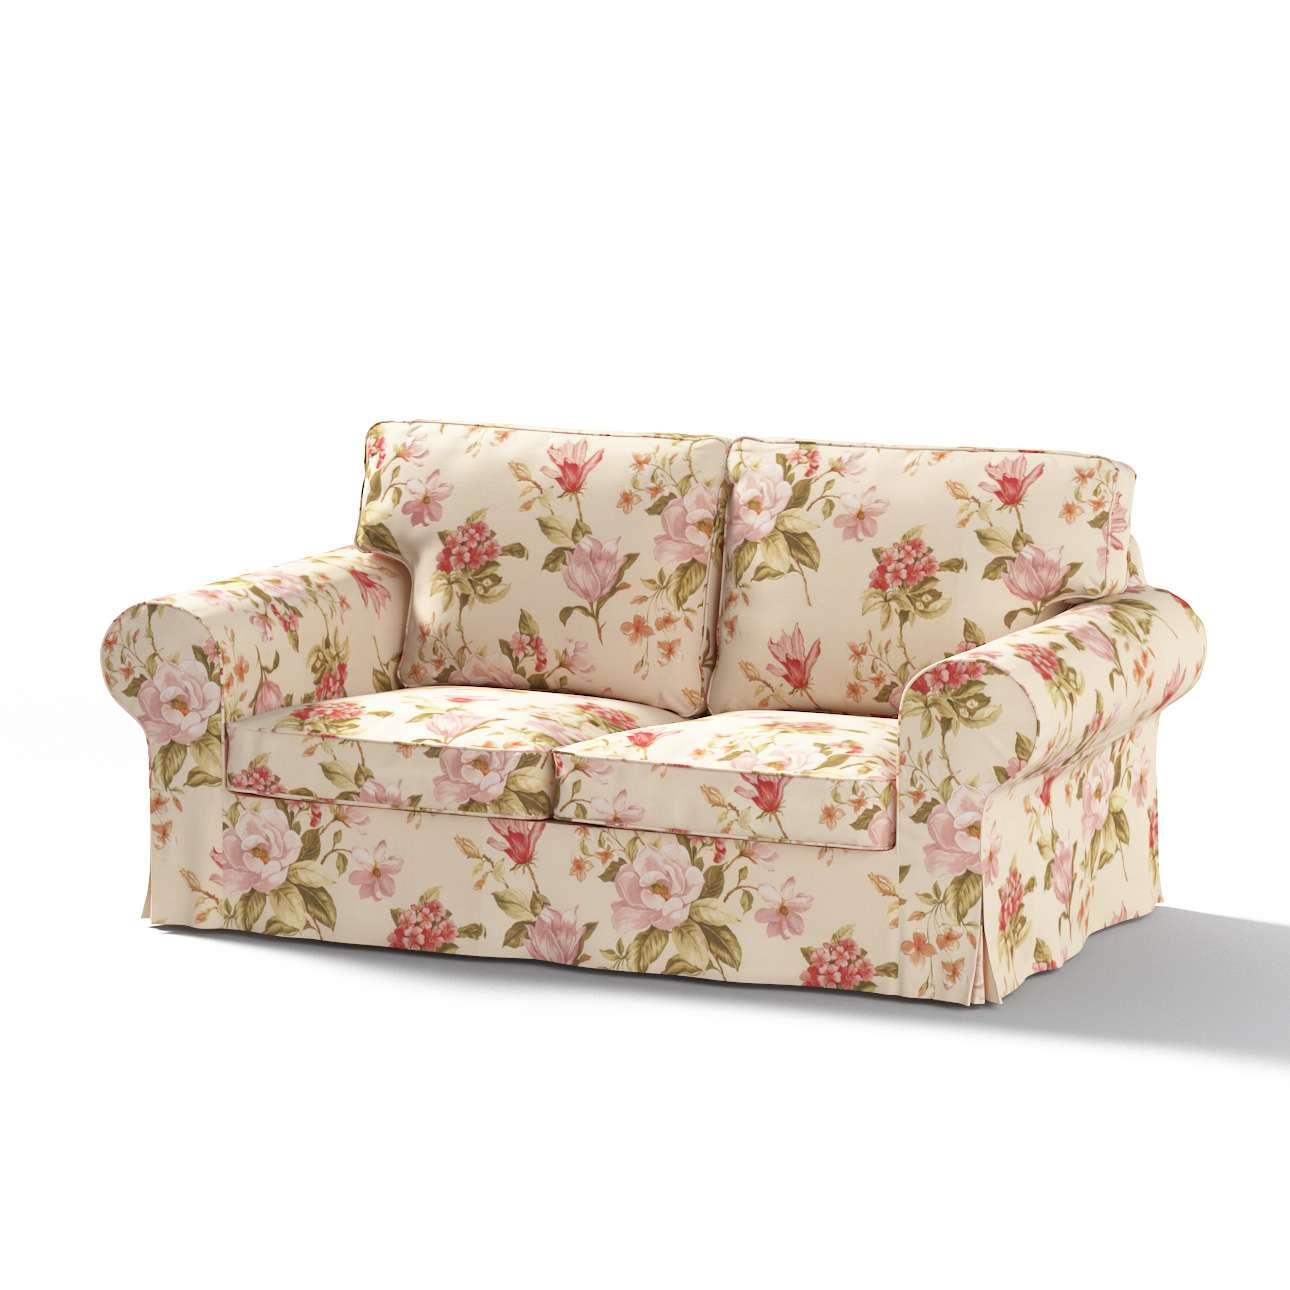 Pokrowiec na sofę Ektorp 2-osobową rozkładana NOWY MODEL 2012 sofa ektorp 2-osobowa rozkładana NOWY MODEL w kolekcji Londres, tkanina: 123-05